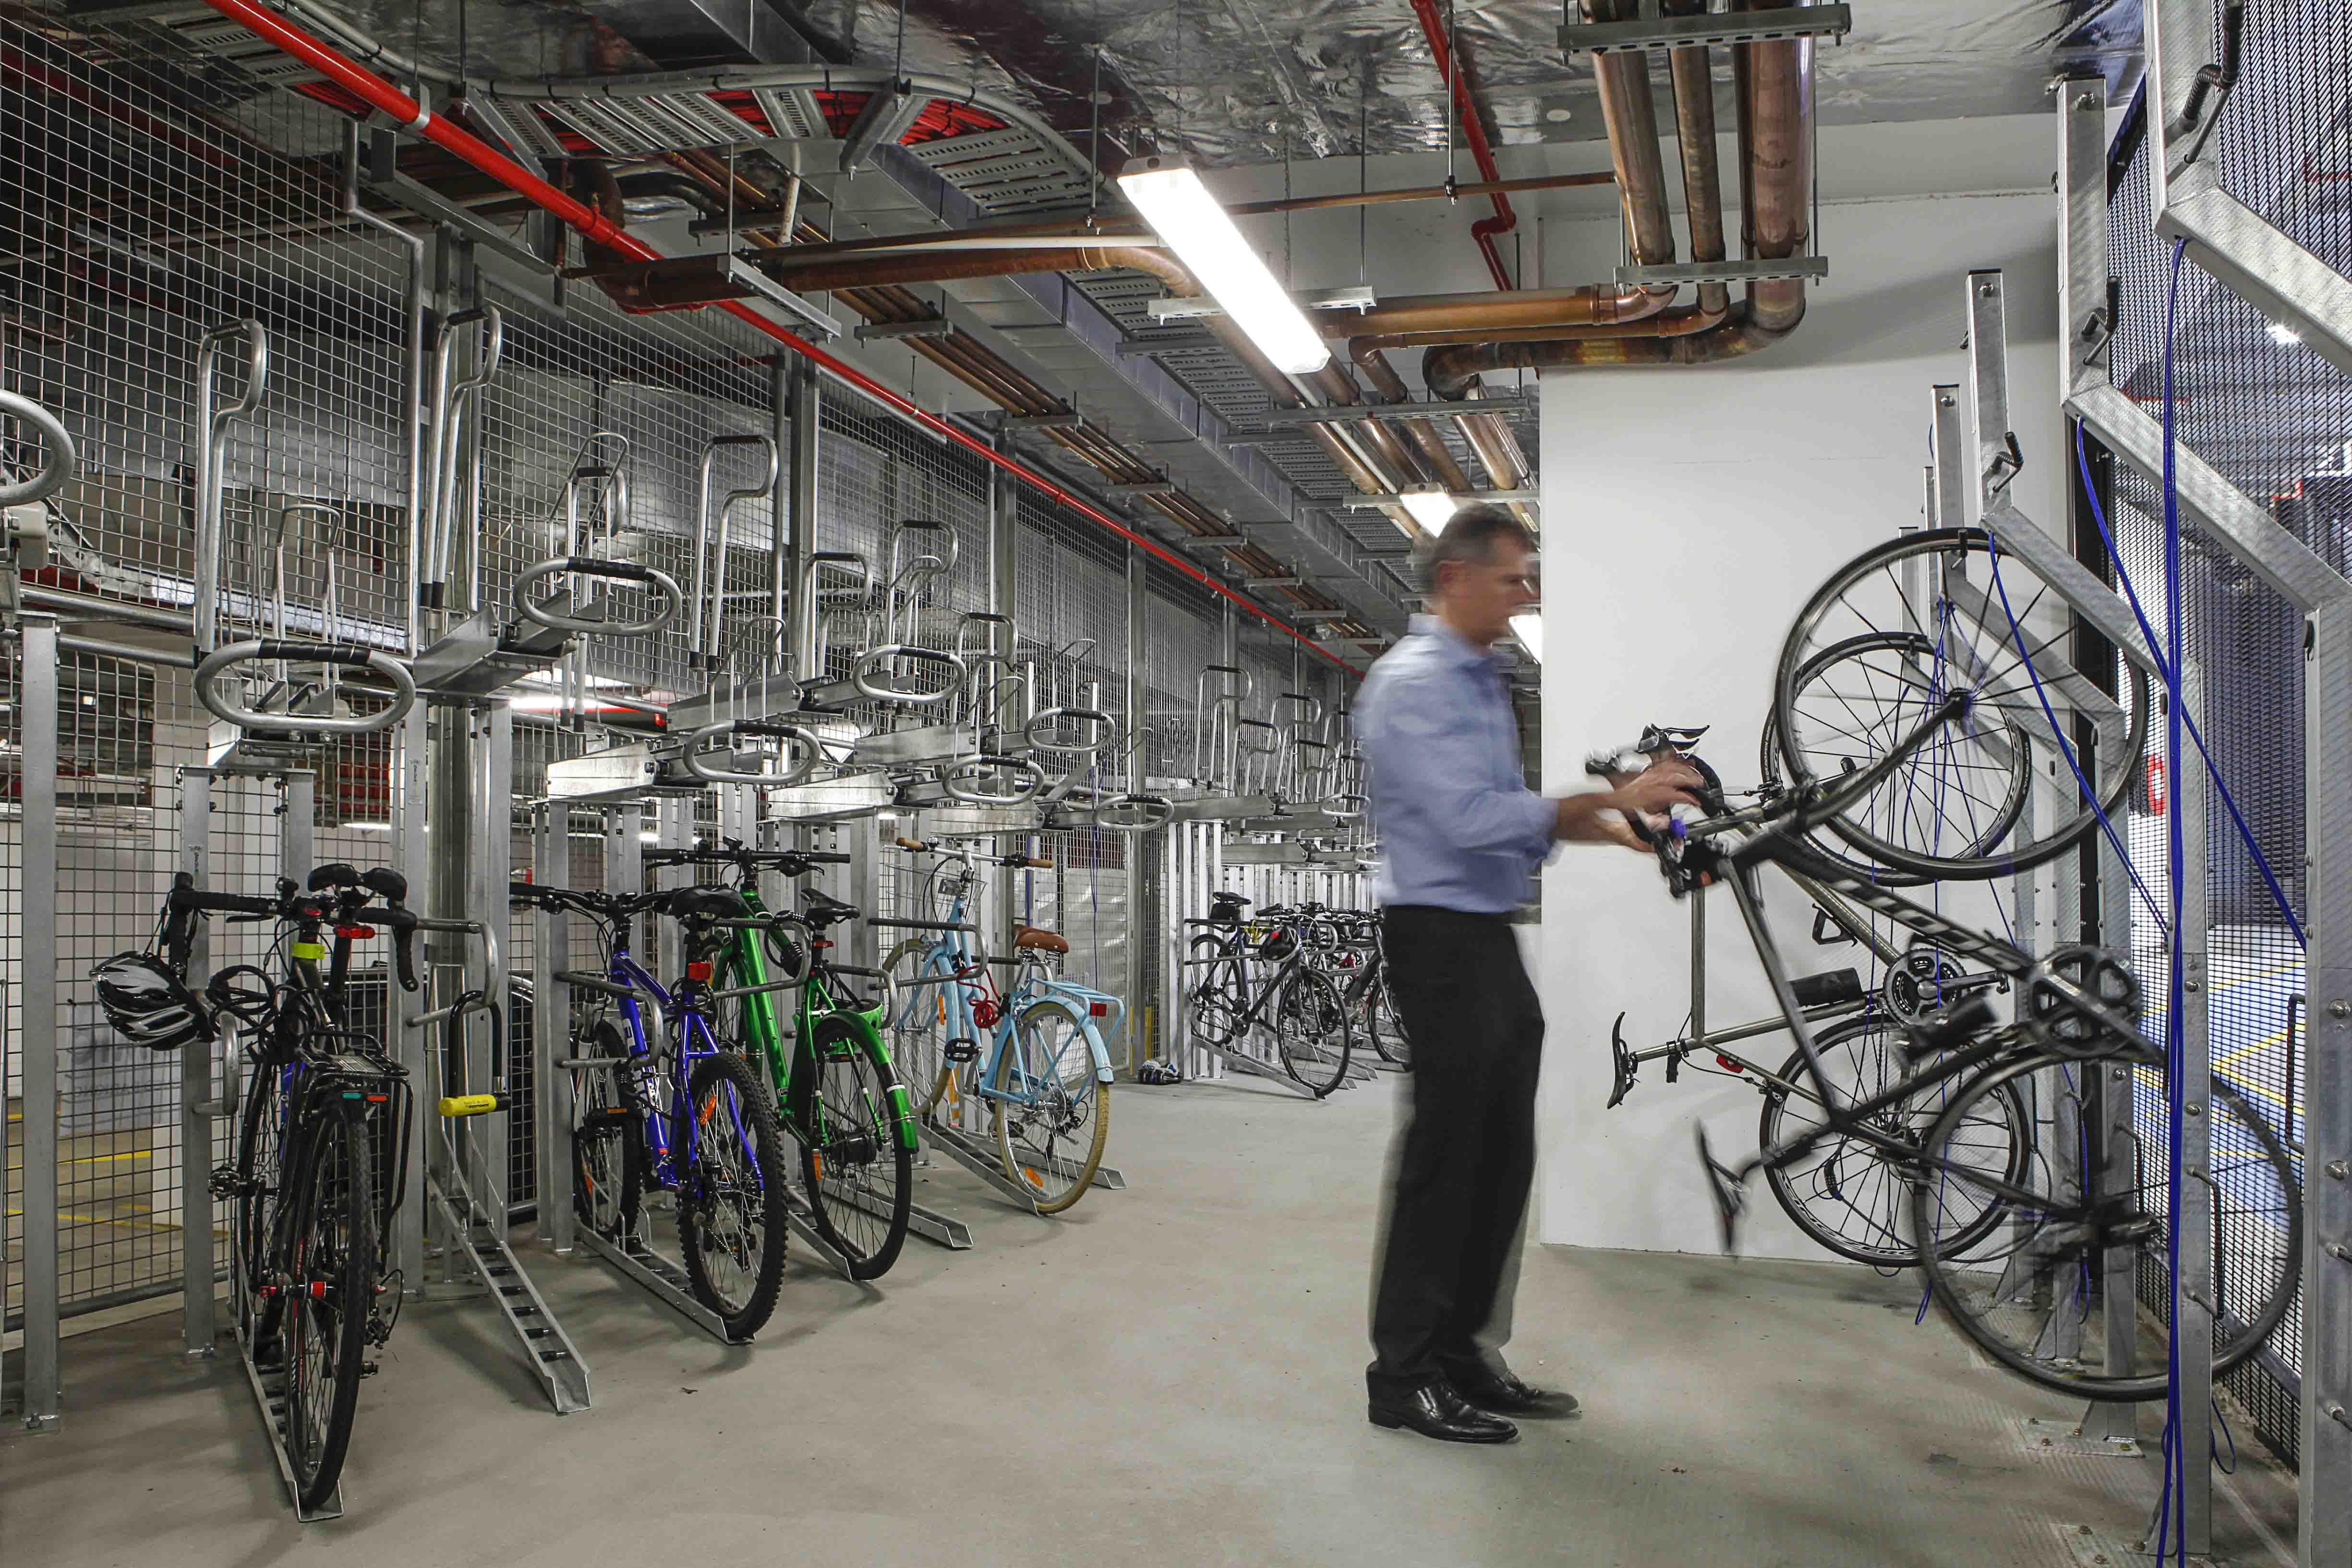 rack monkey organization mounted bar bike pdp reviews wayfair ca wall storage hanging